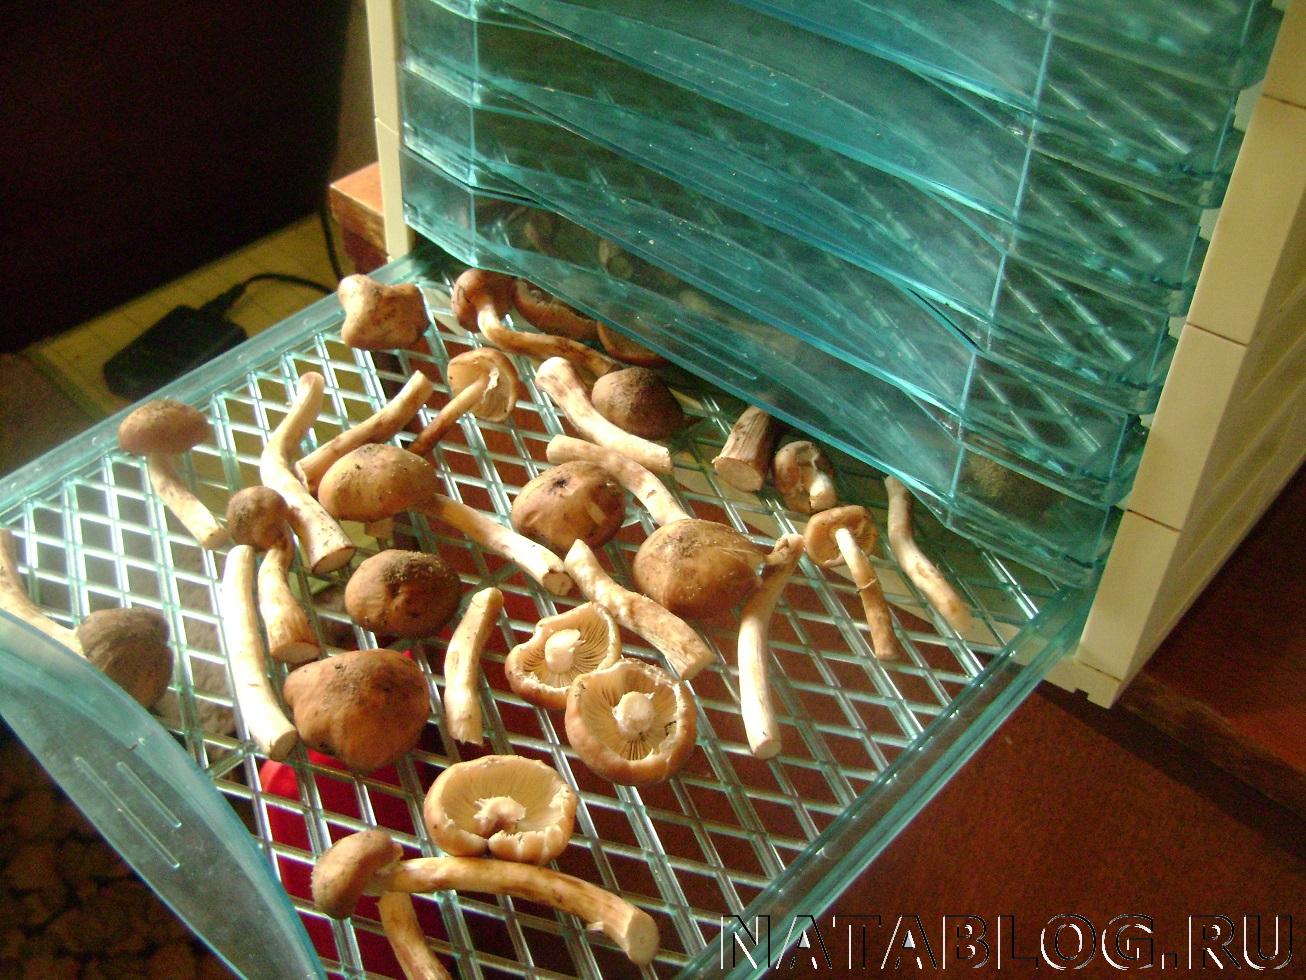 Выращивание опят: пошаговая инструкция. Как выращивать 78